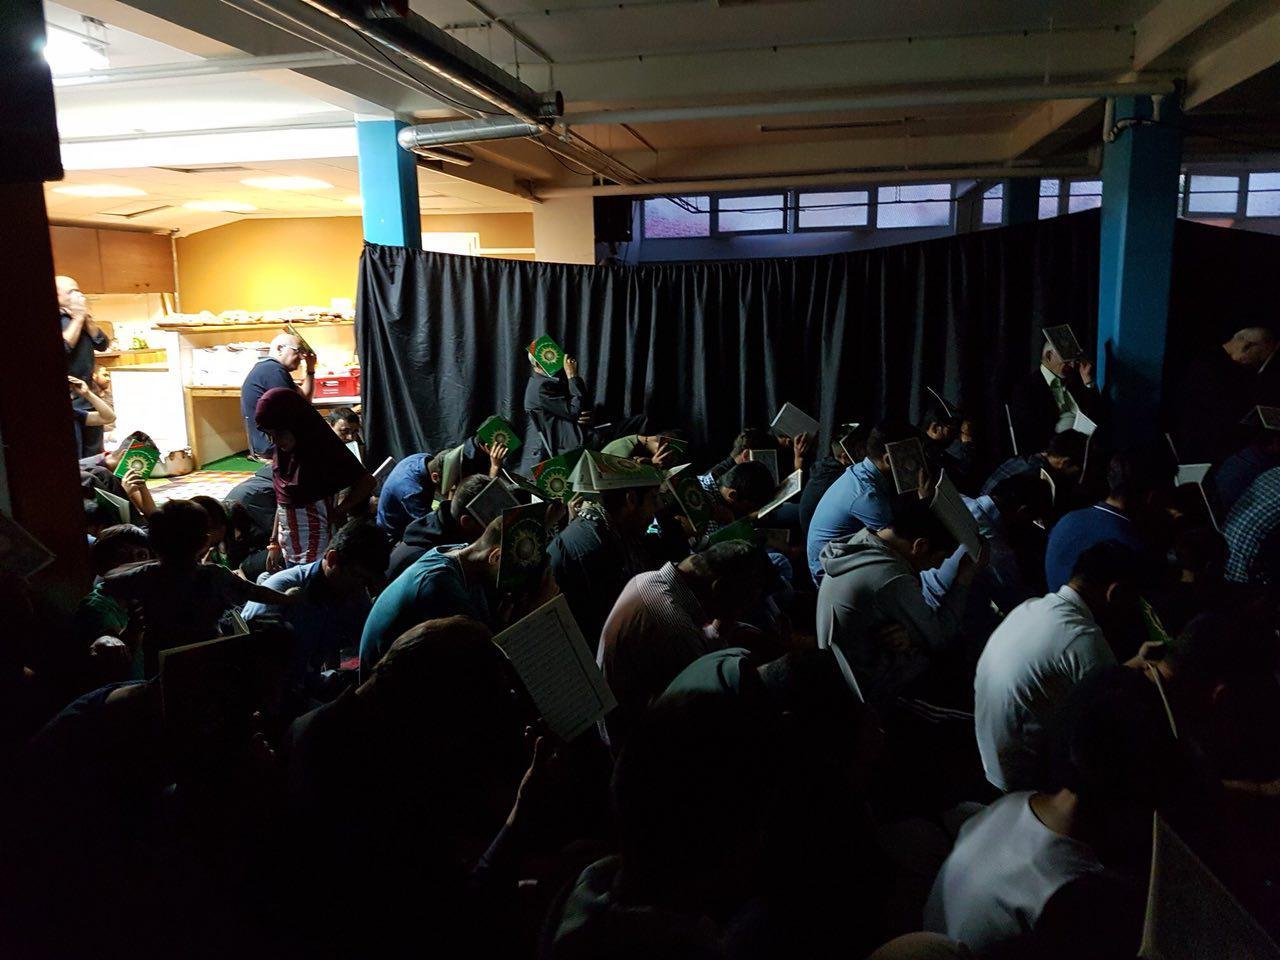 برنامه شبهای قدر در مرکز اسلامی امام صادق (ع) در شهر مالمو سوئد برگزار شد